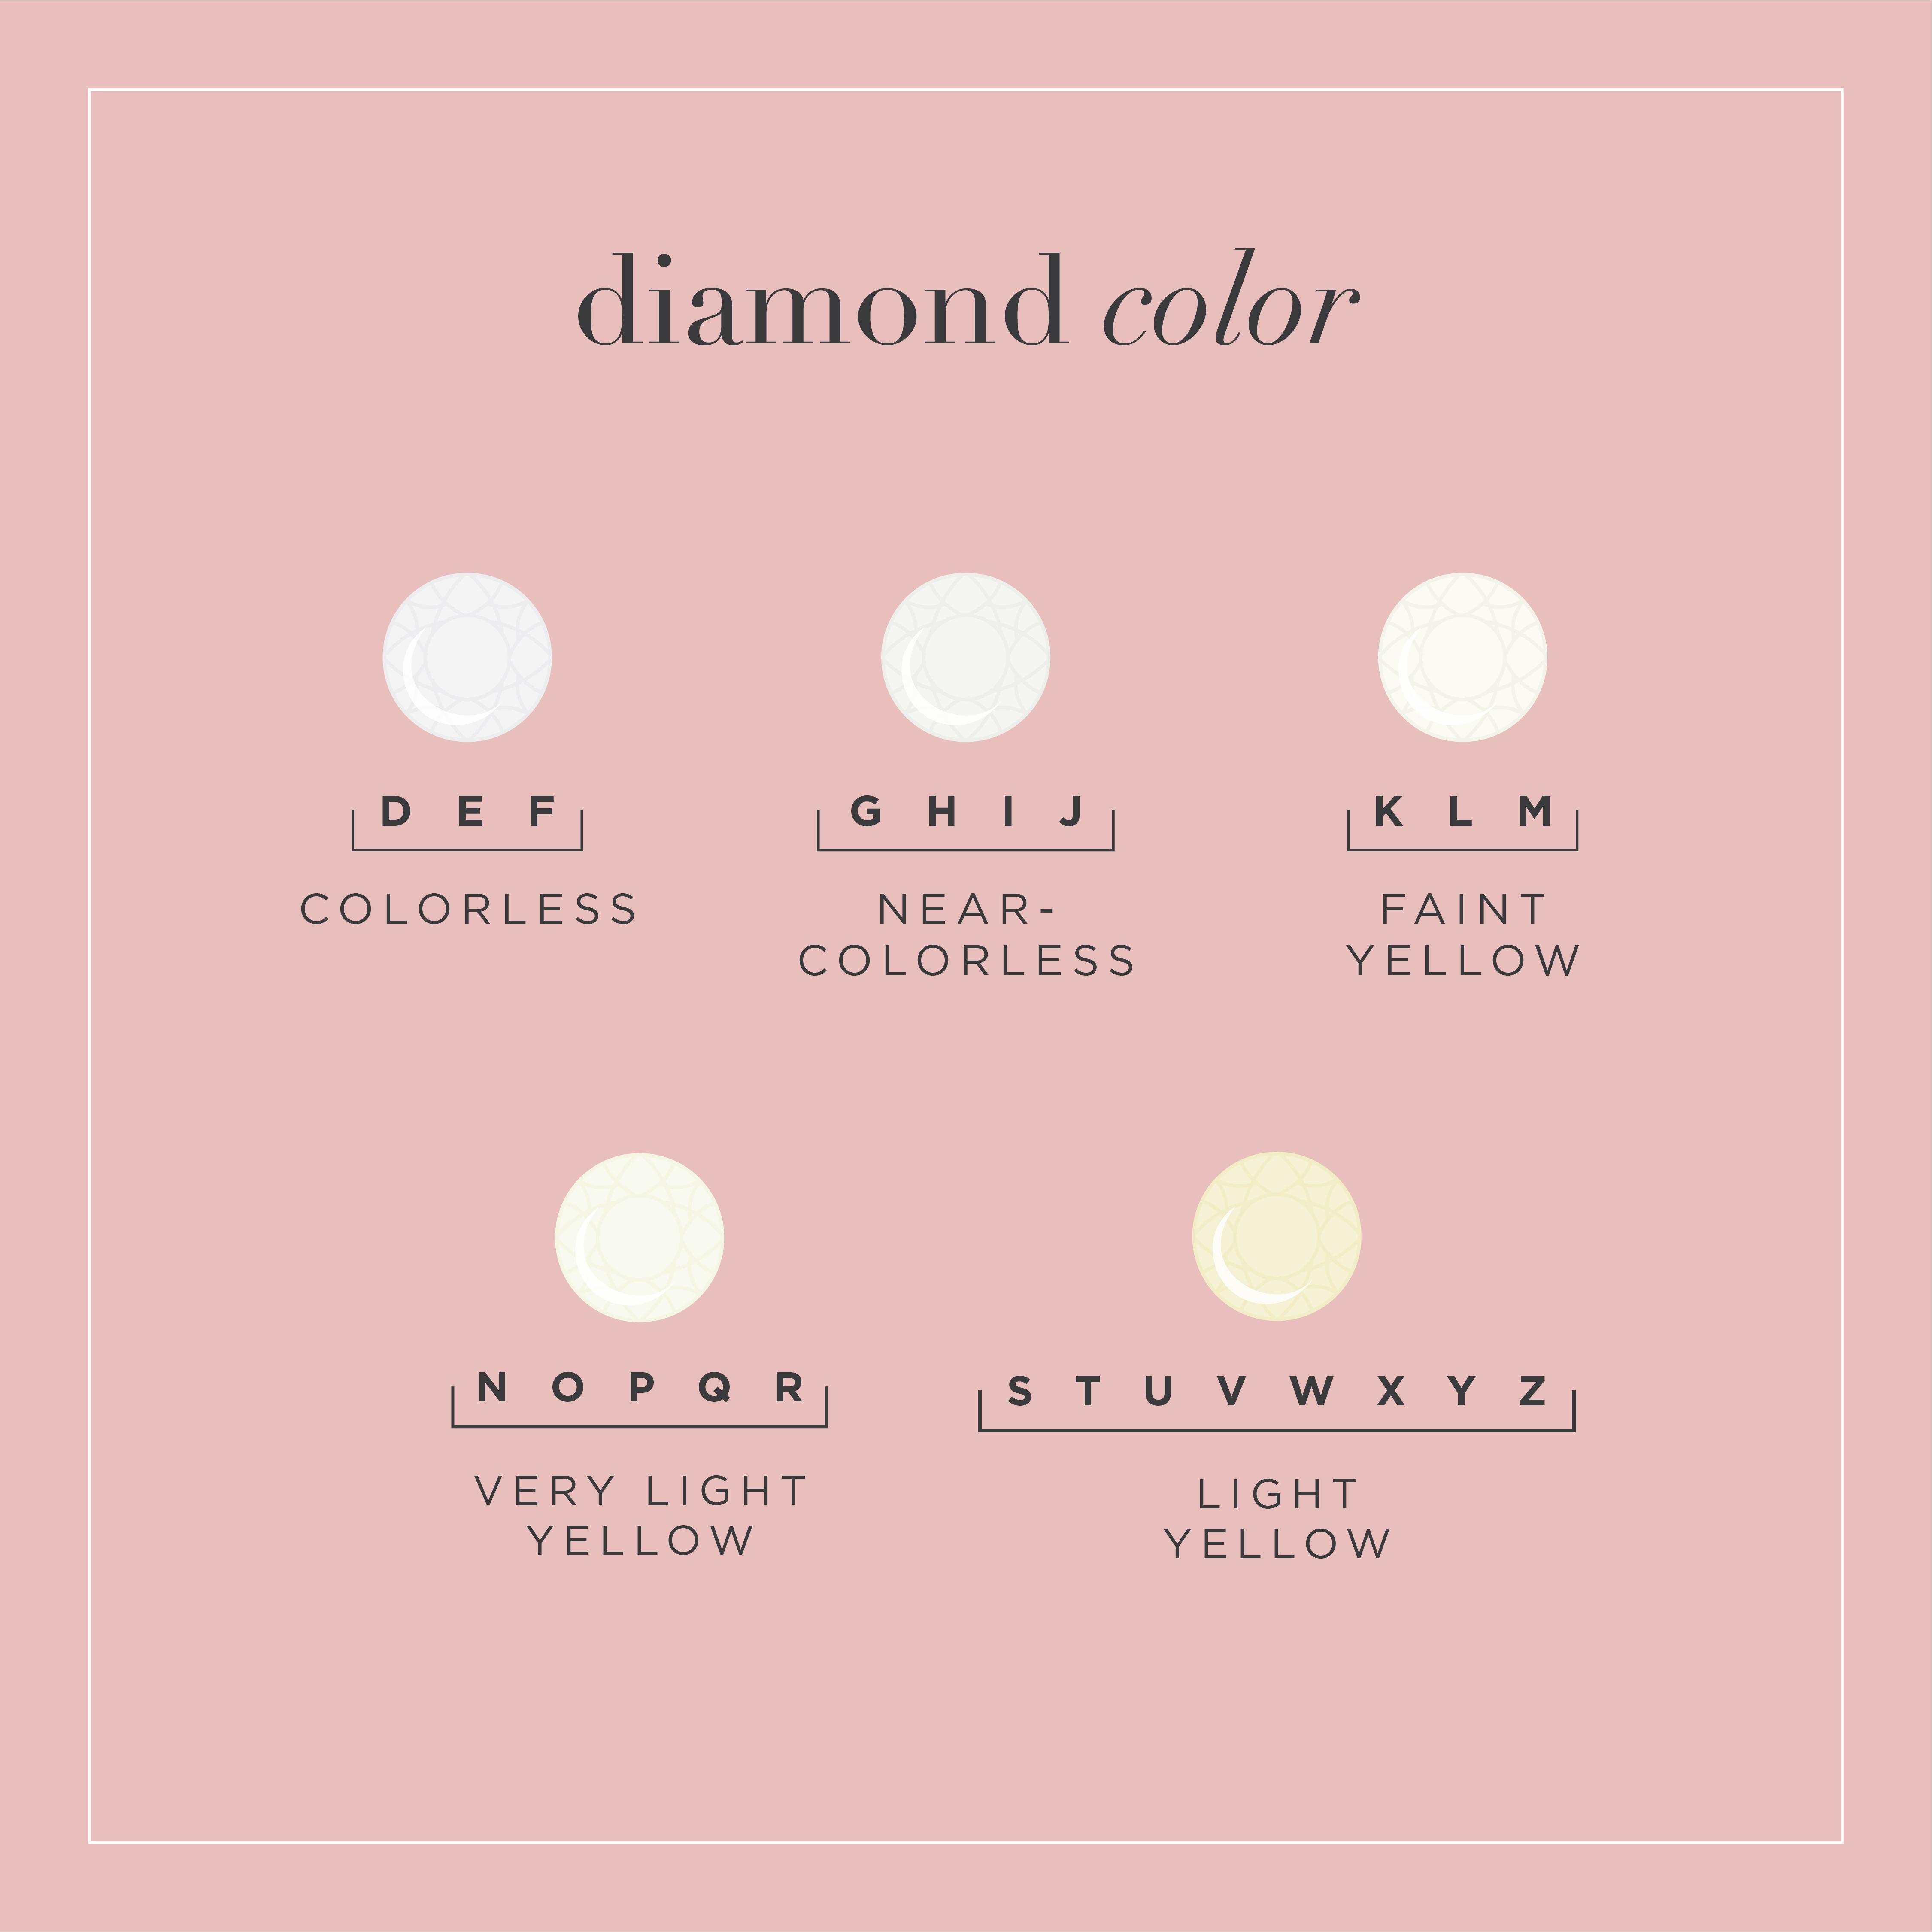 diamond color guide